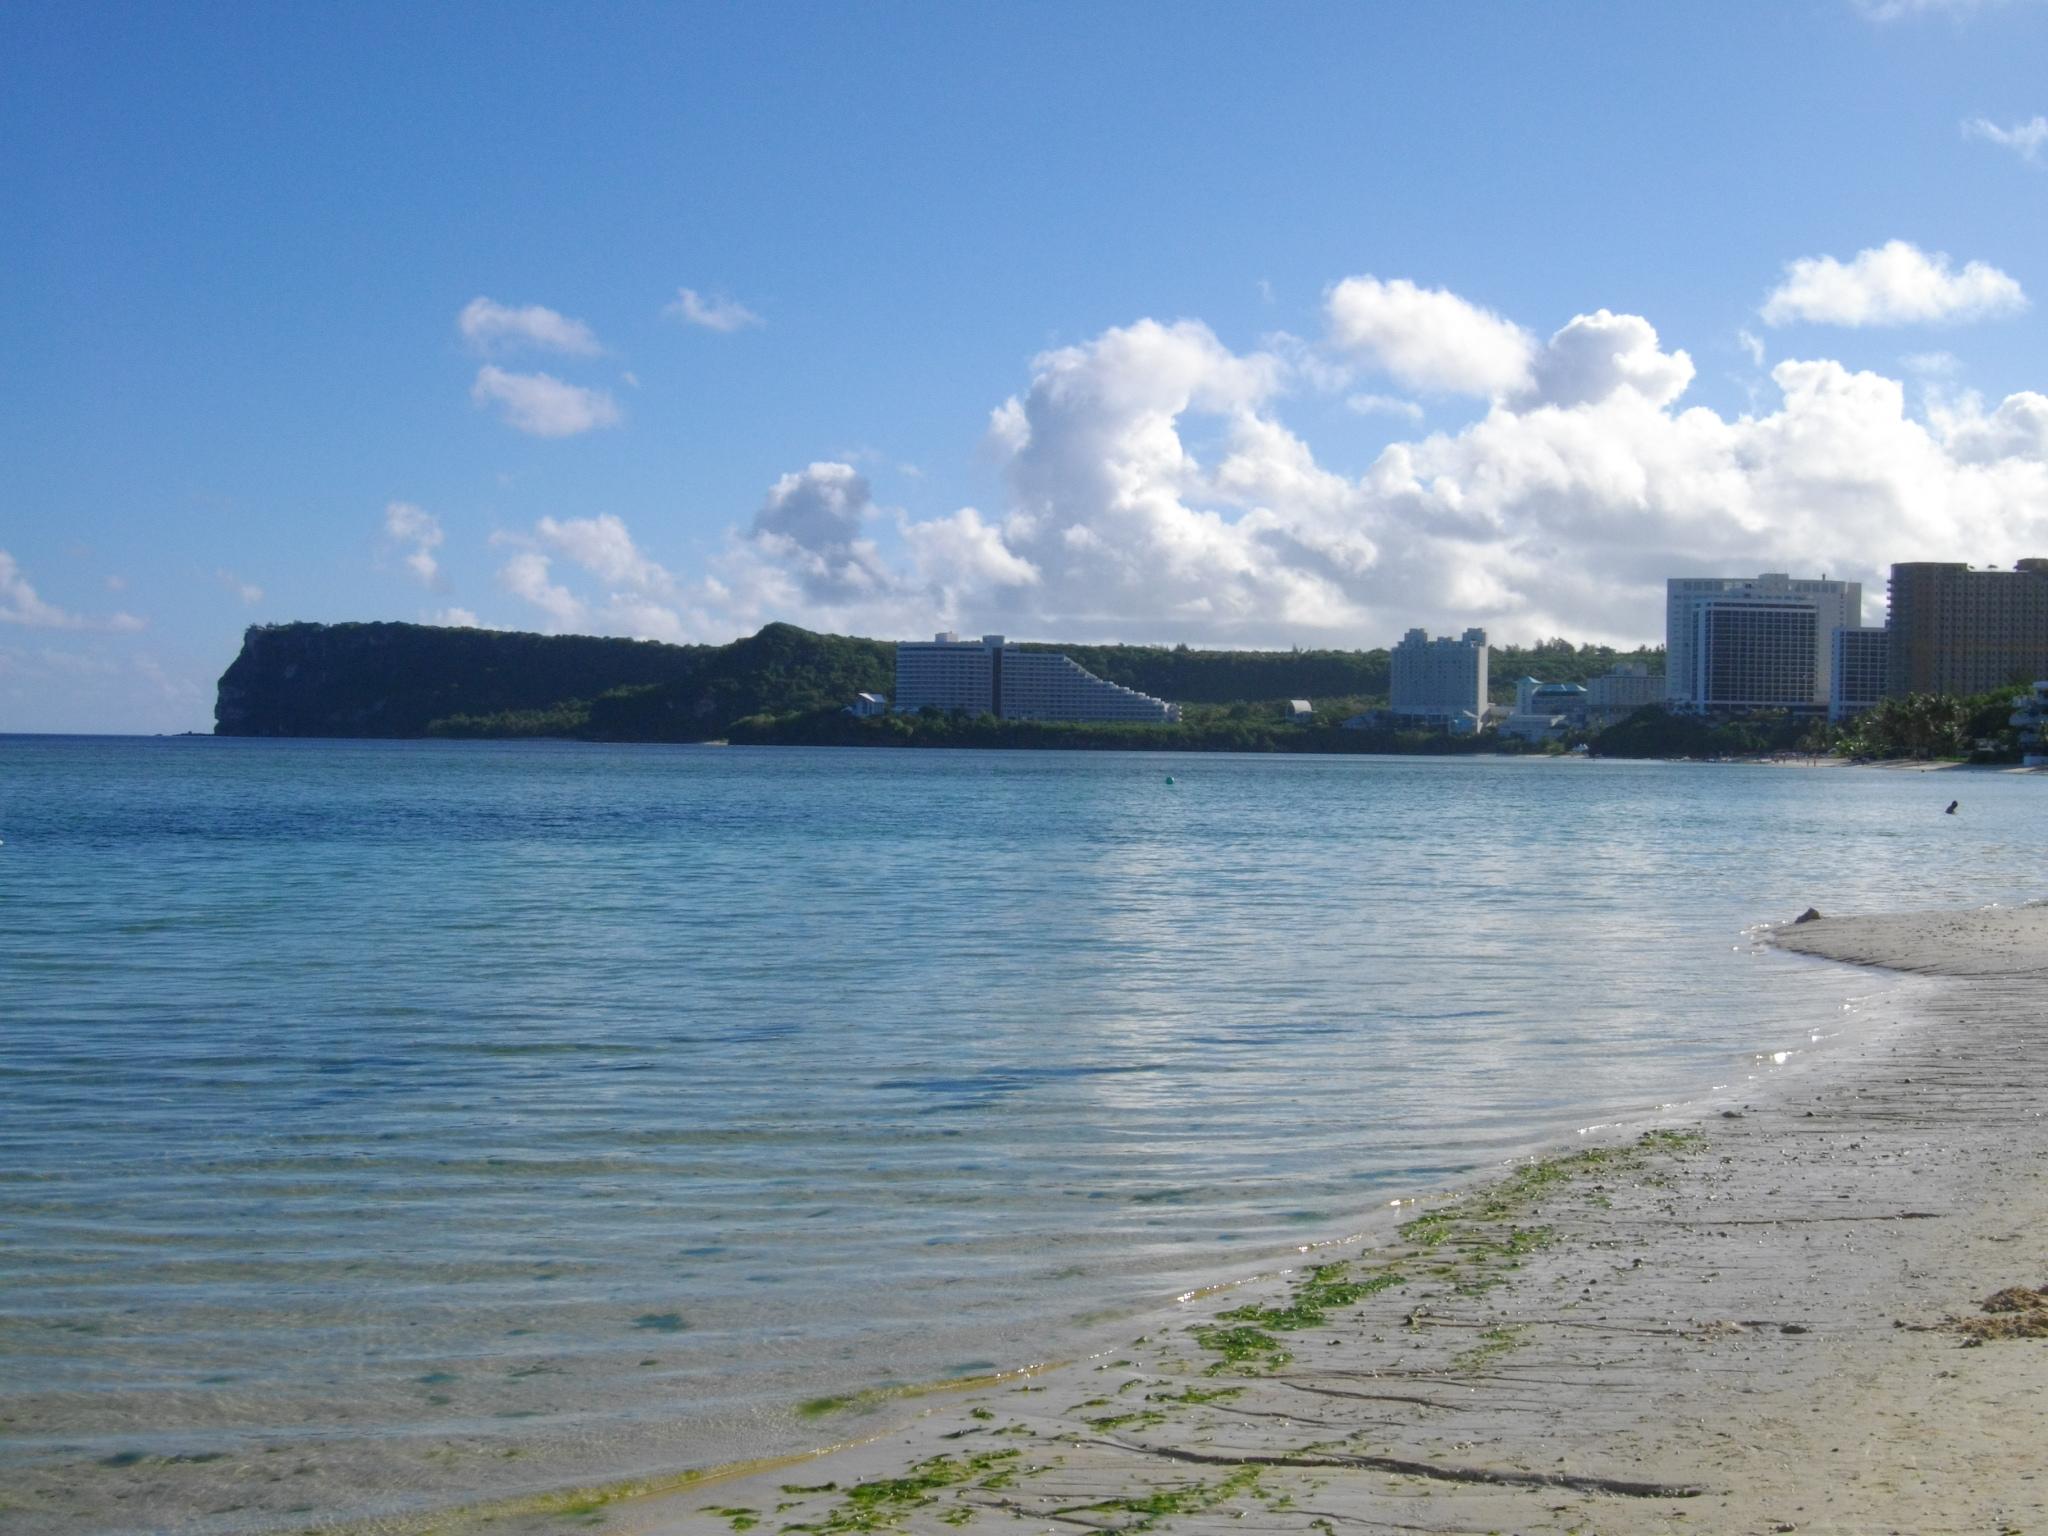 タモン湾越しに望む恋人岬